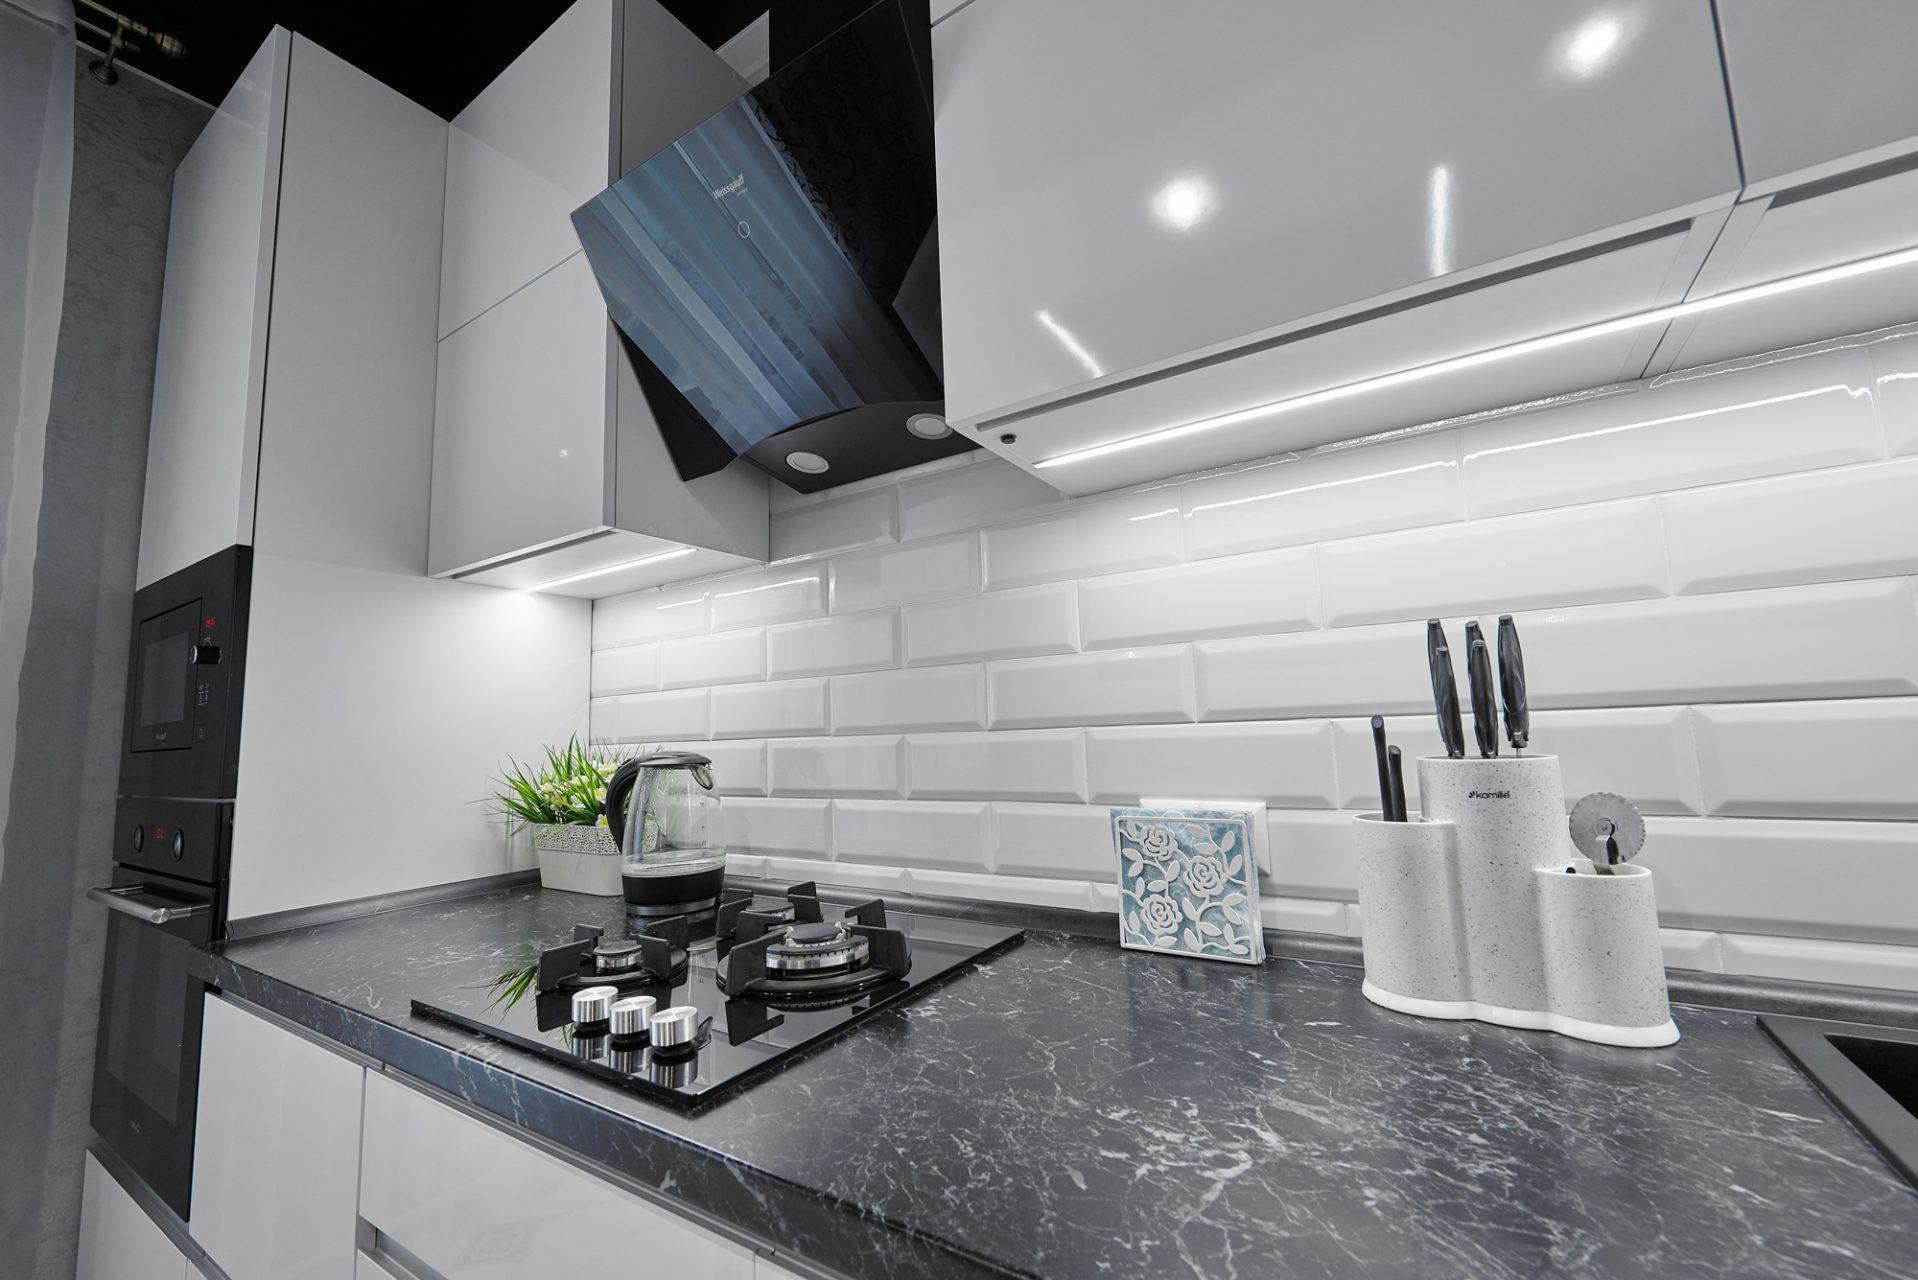 004_interior_kitchen6_korneychikeu